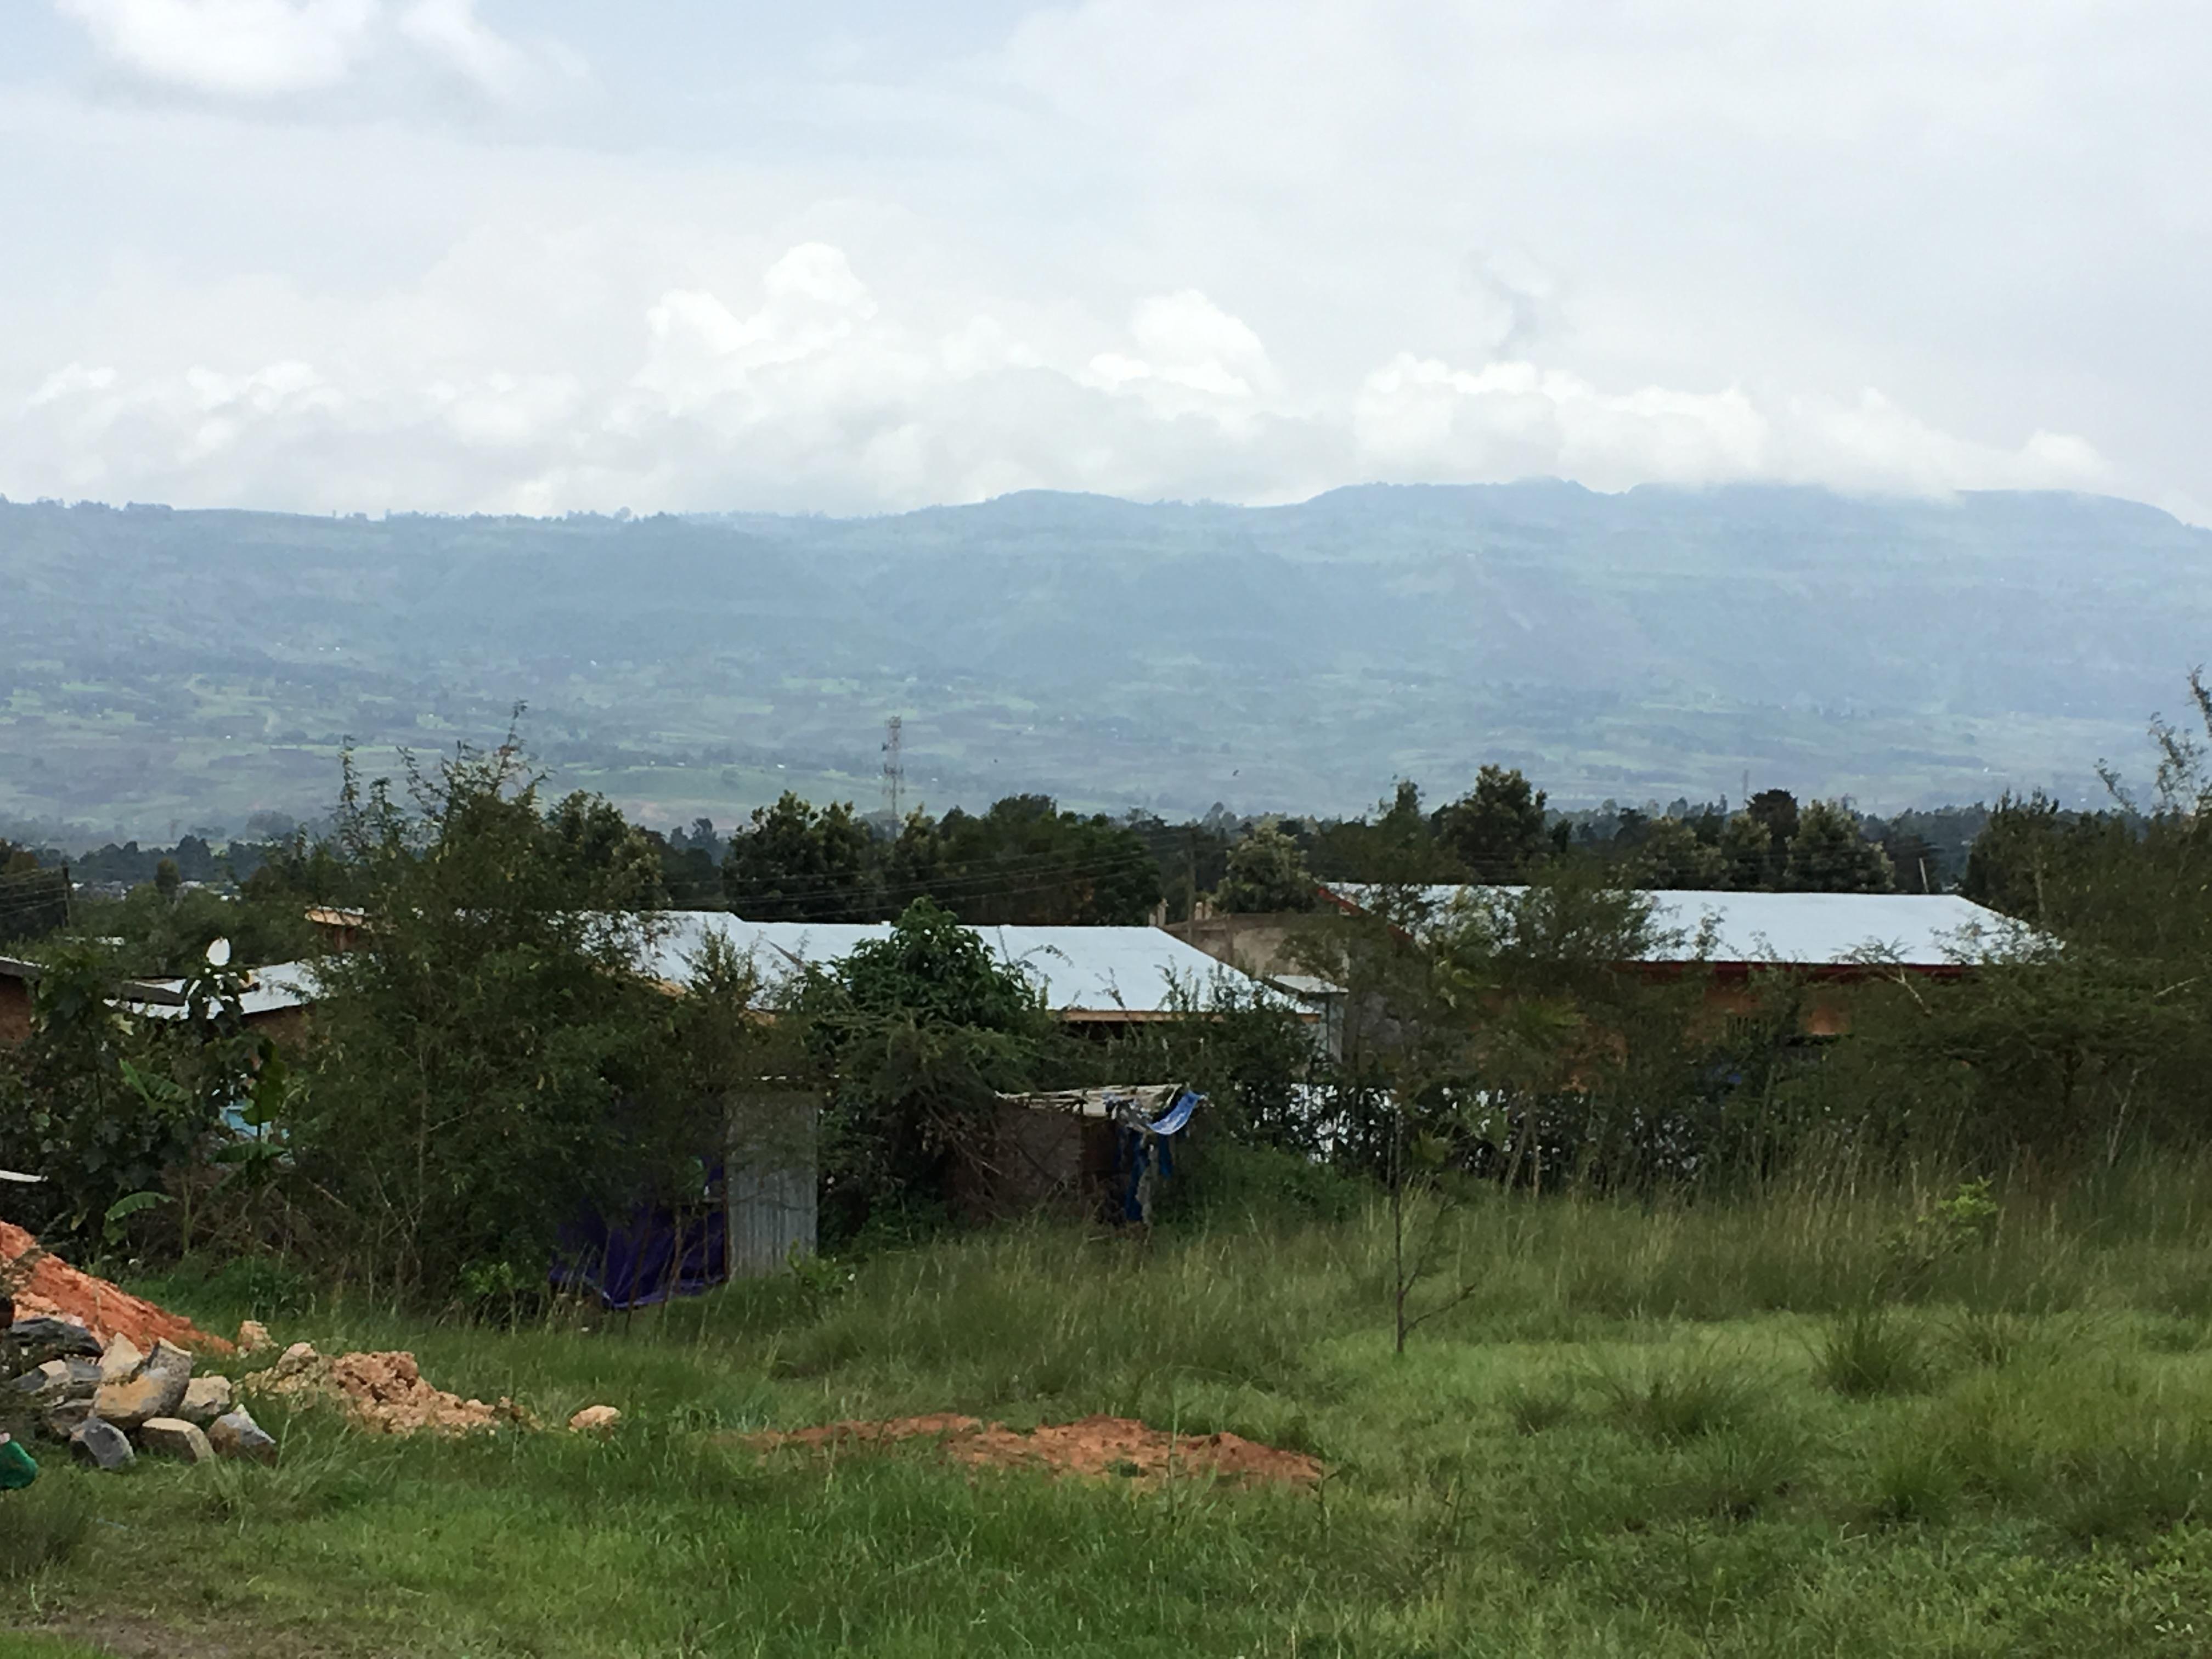 Ethiopia Mission's Trip